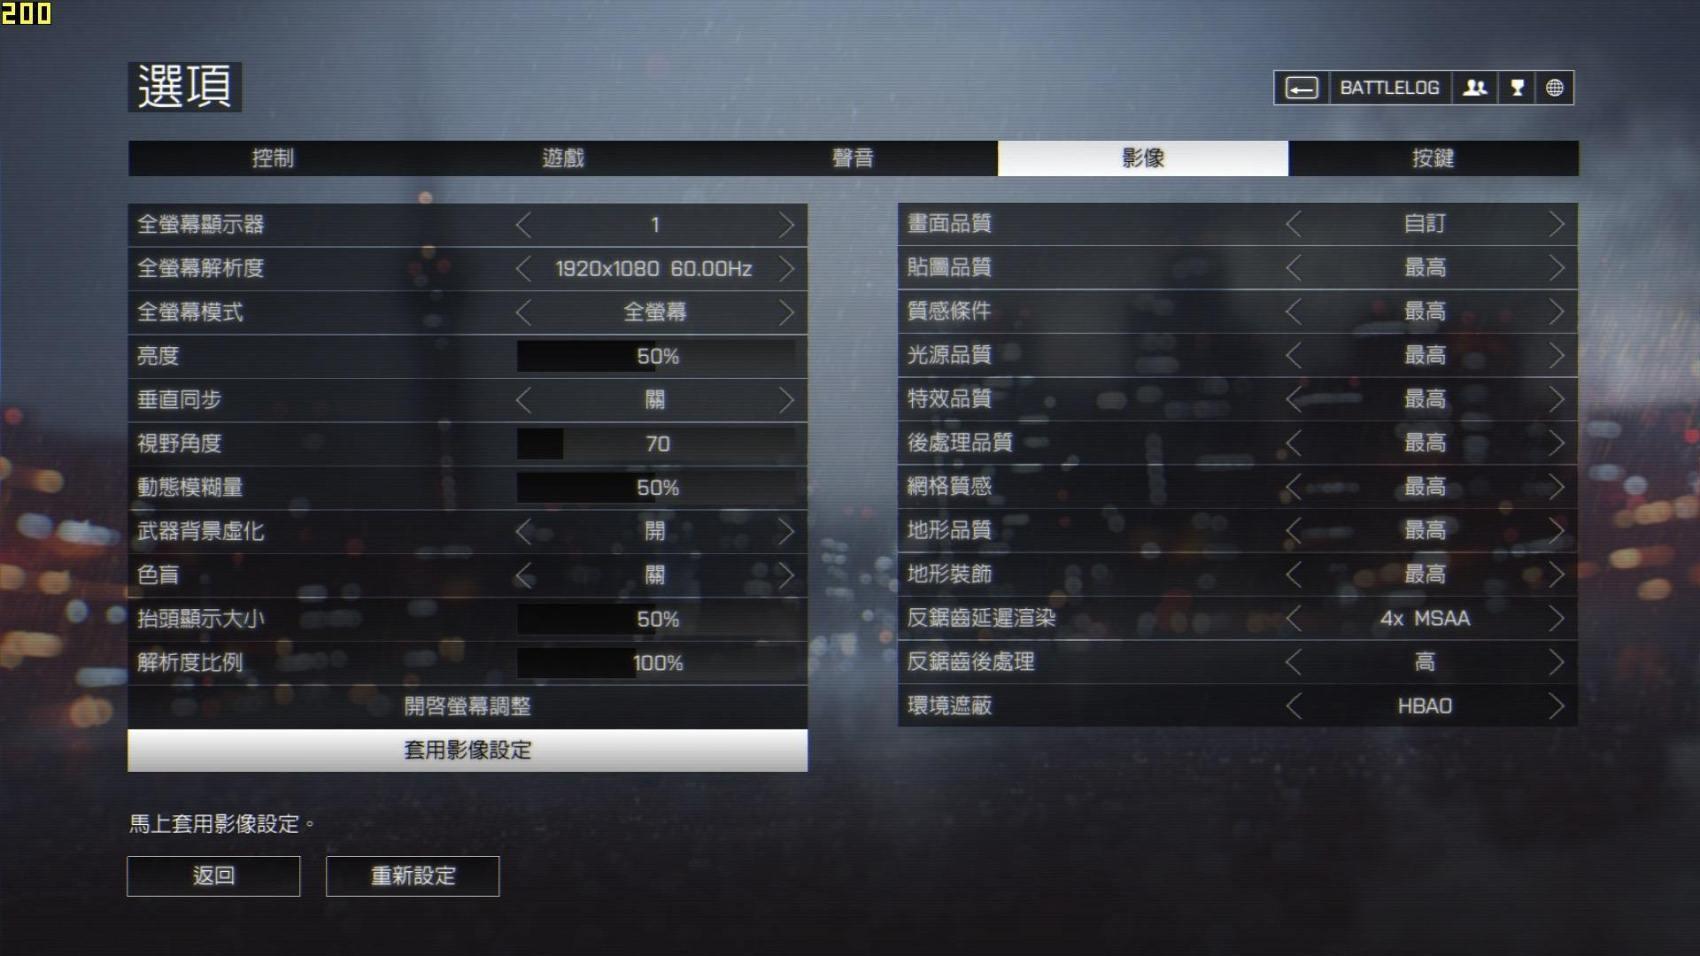 战地4中文补丁